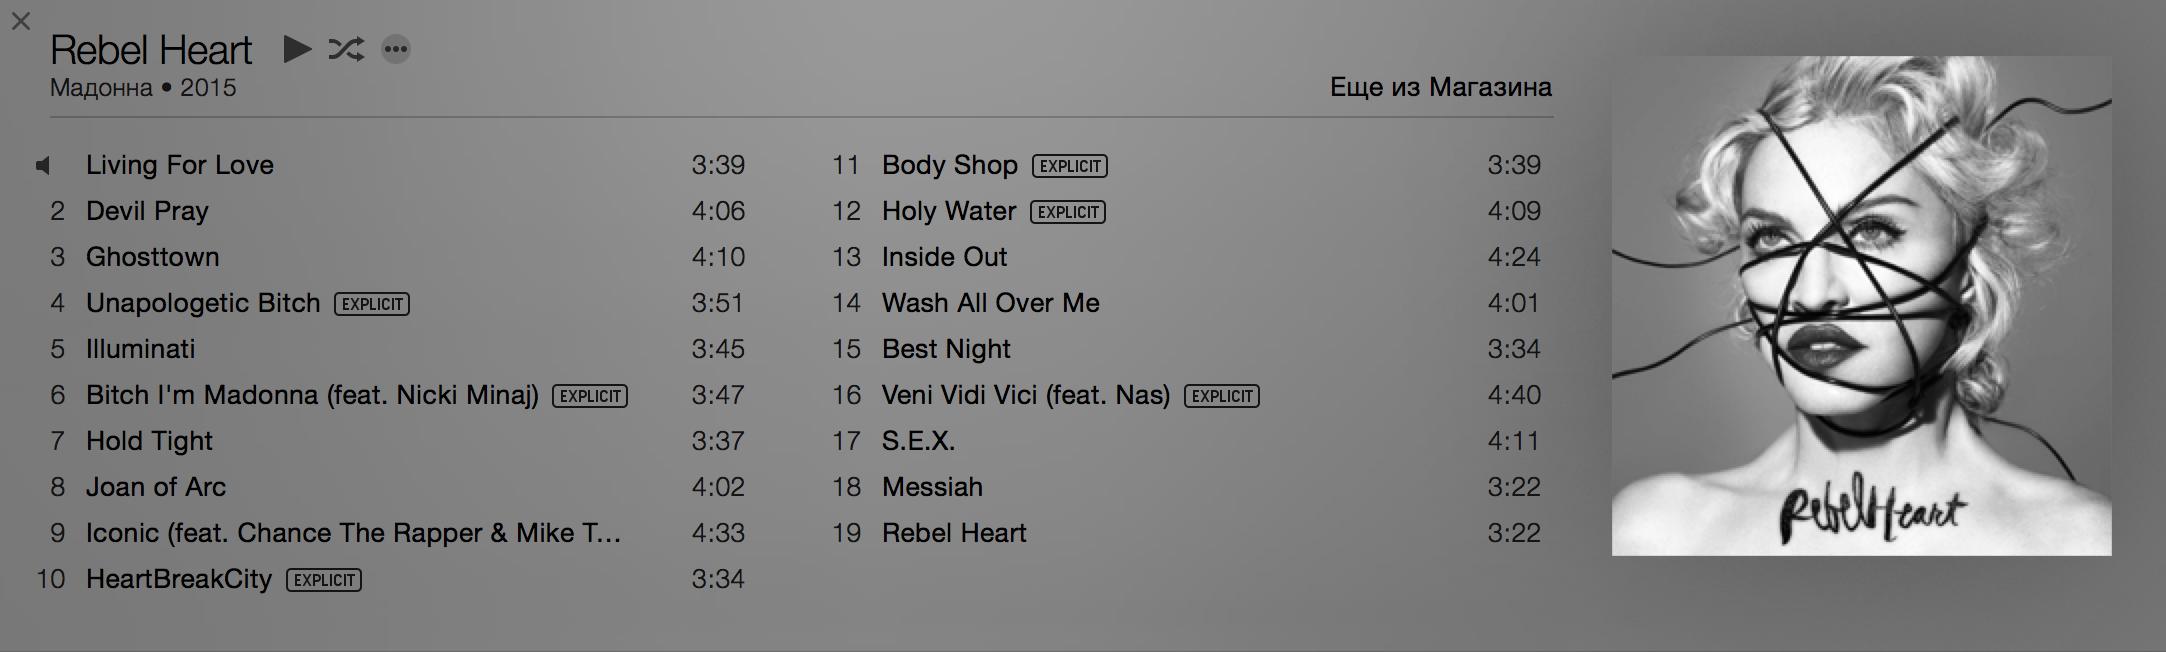 Альбом Rebel Heart вышел в iTunes